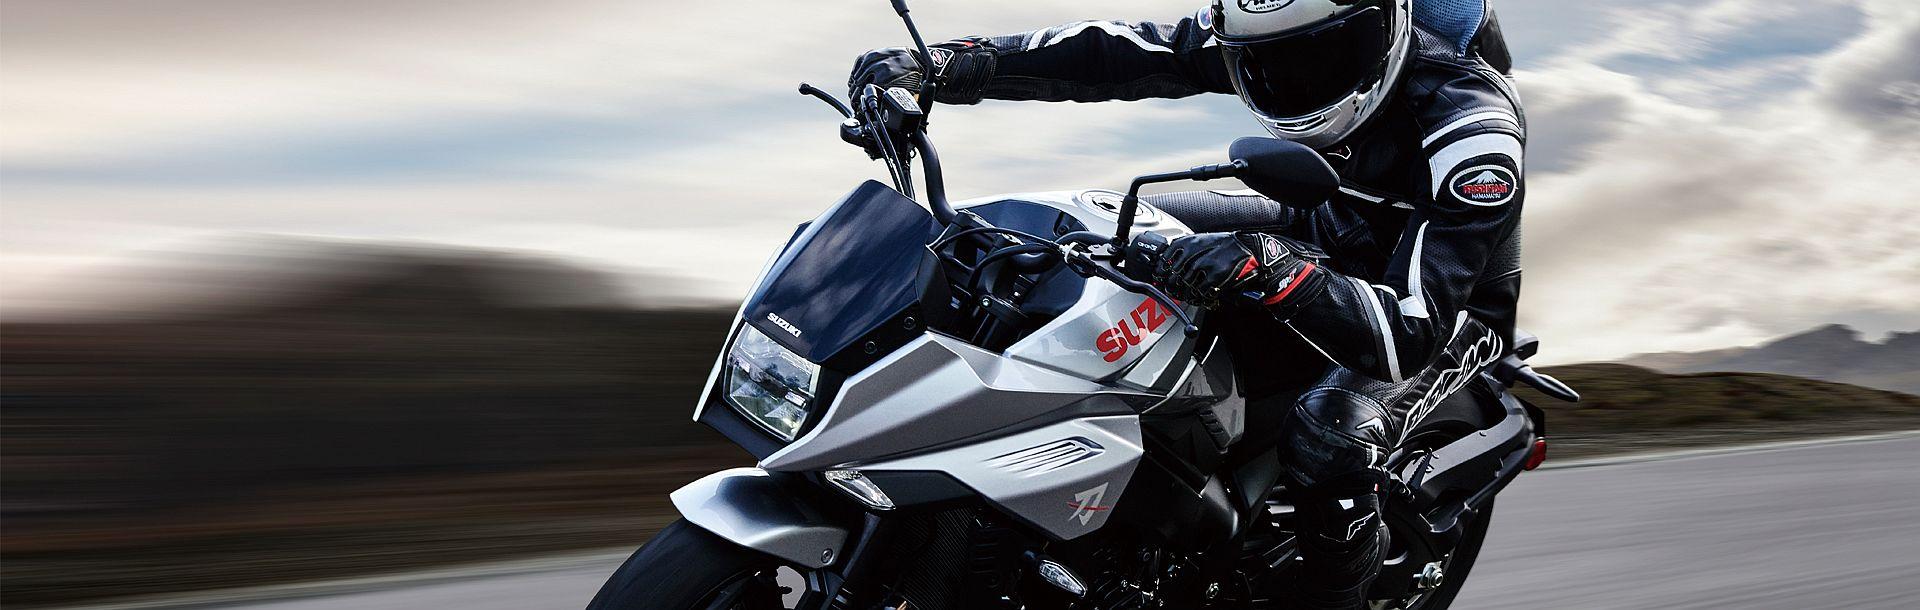 Suzuki Katana silber 2019